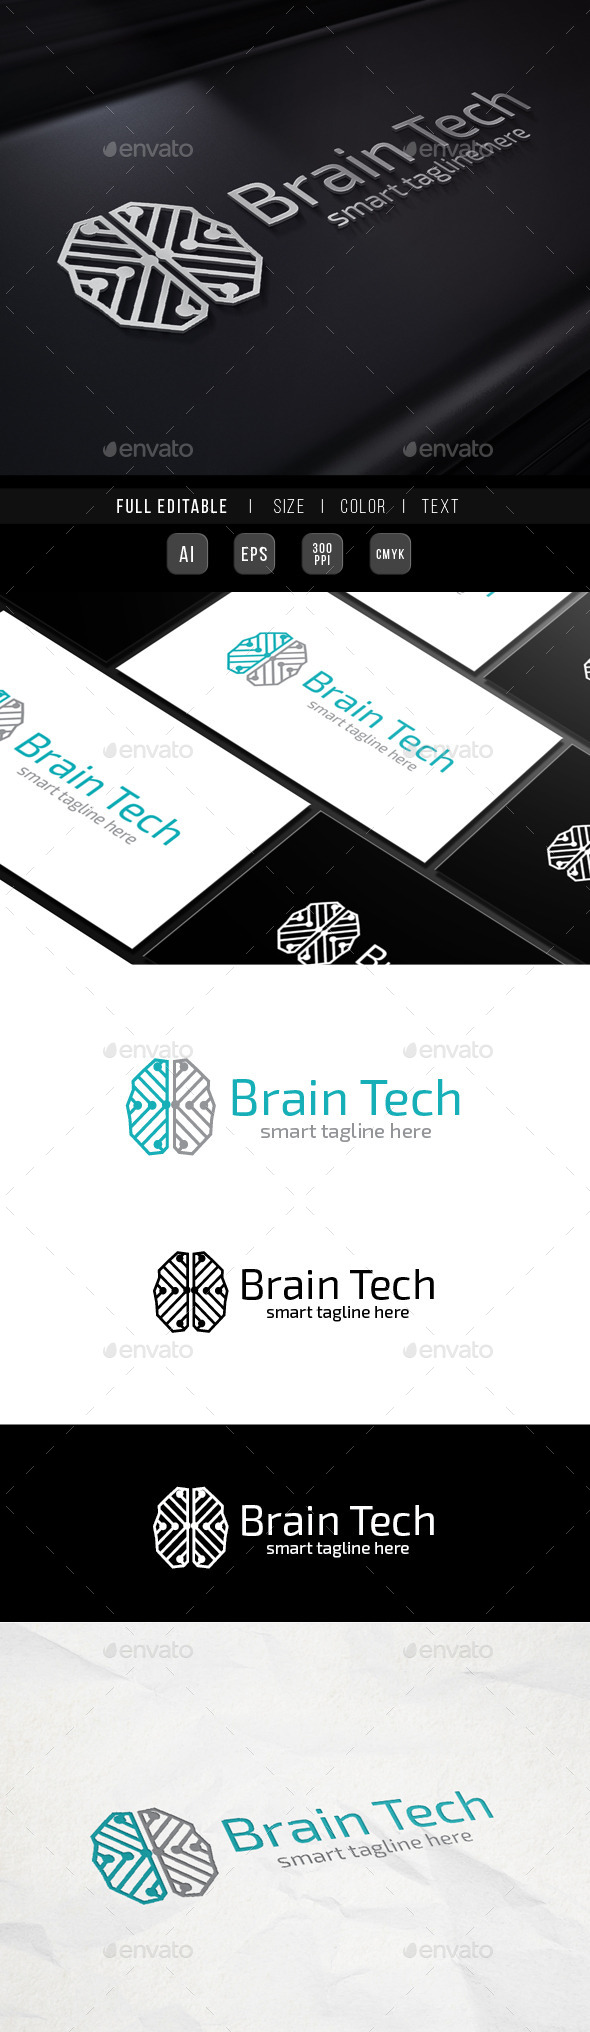 GraphicRiver Brain Genius Network Tech 9938960